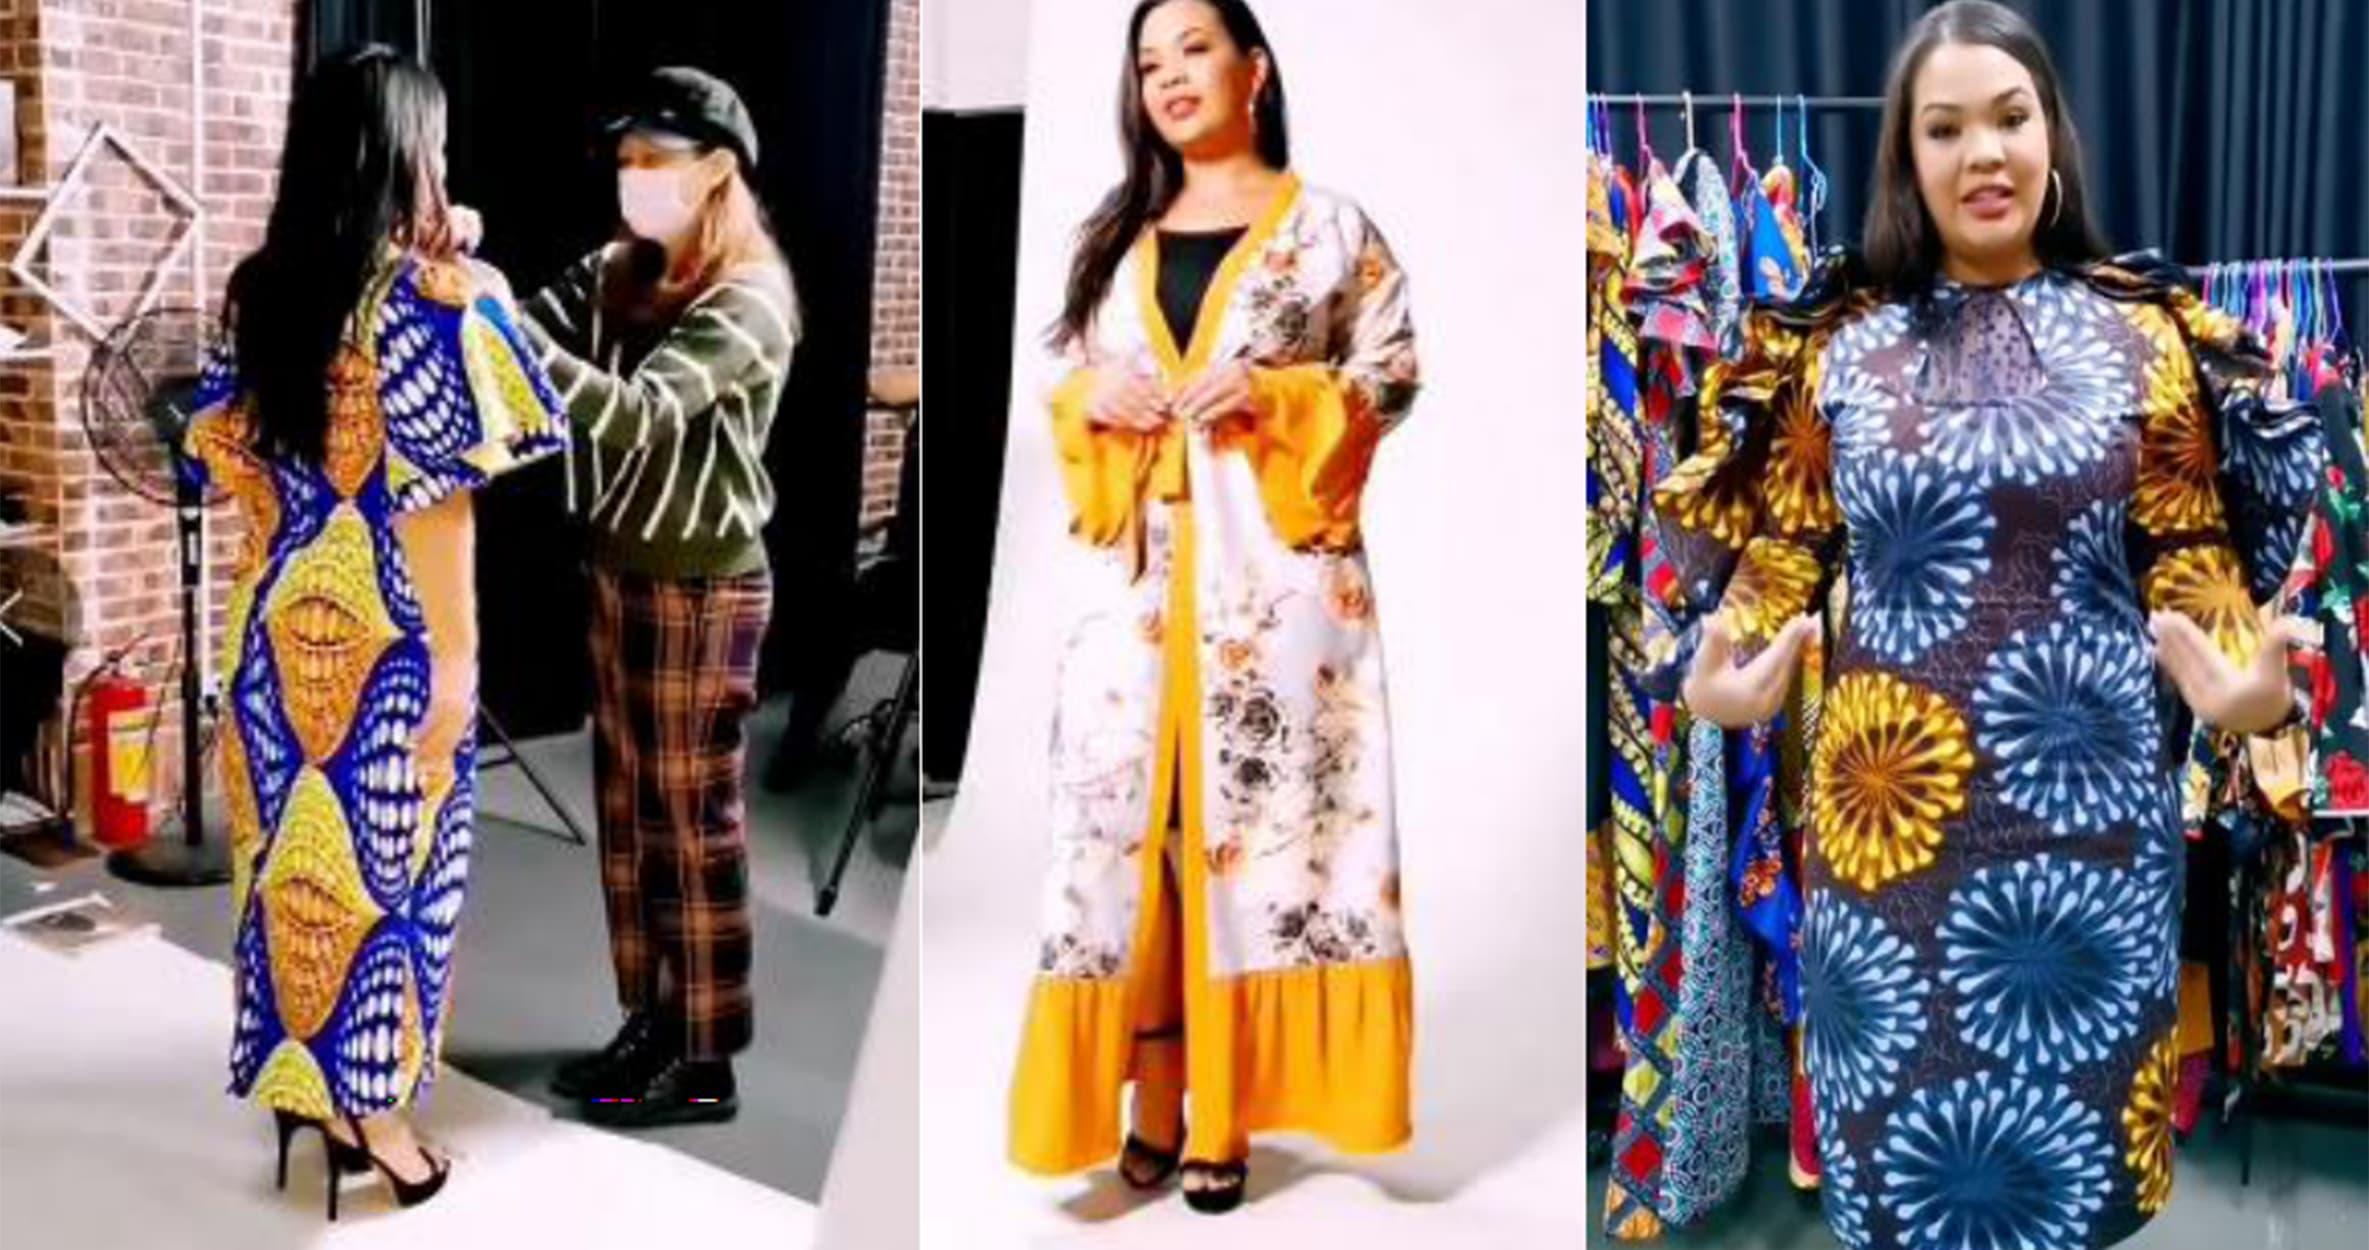 4插图广州拍摄模特图.jpg